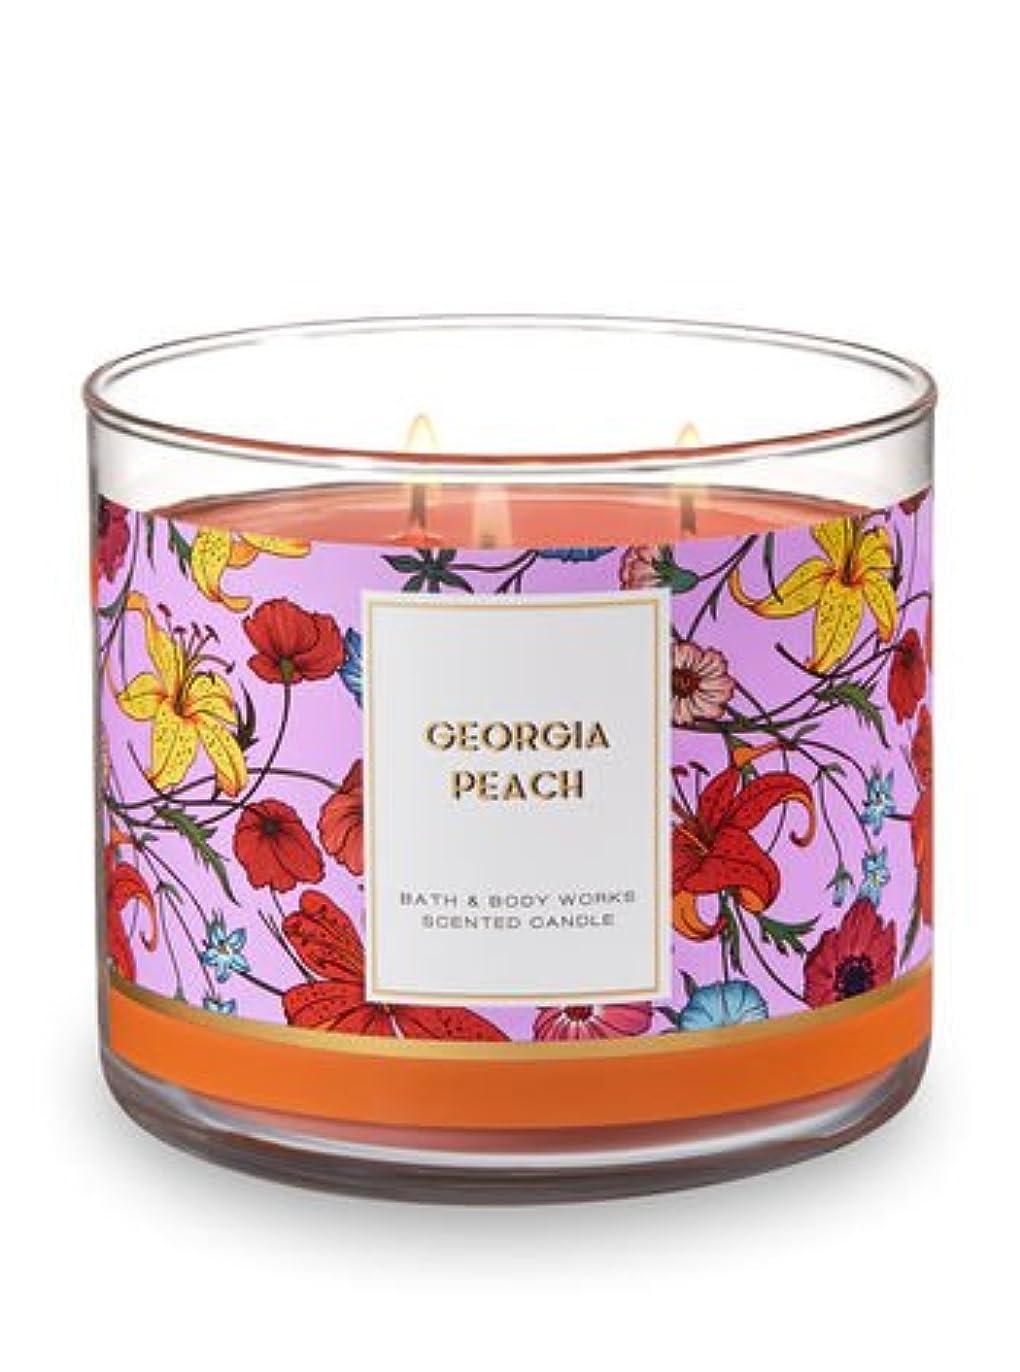 シットコム子音例外Bath and Body Works 3?Wick Scented Candle Georgia Peach 14.5オンス